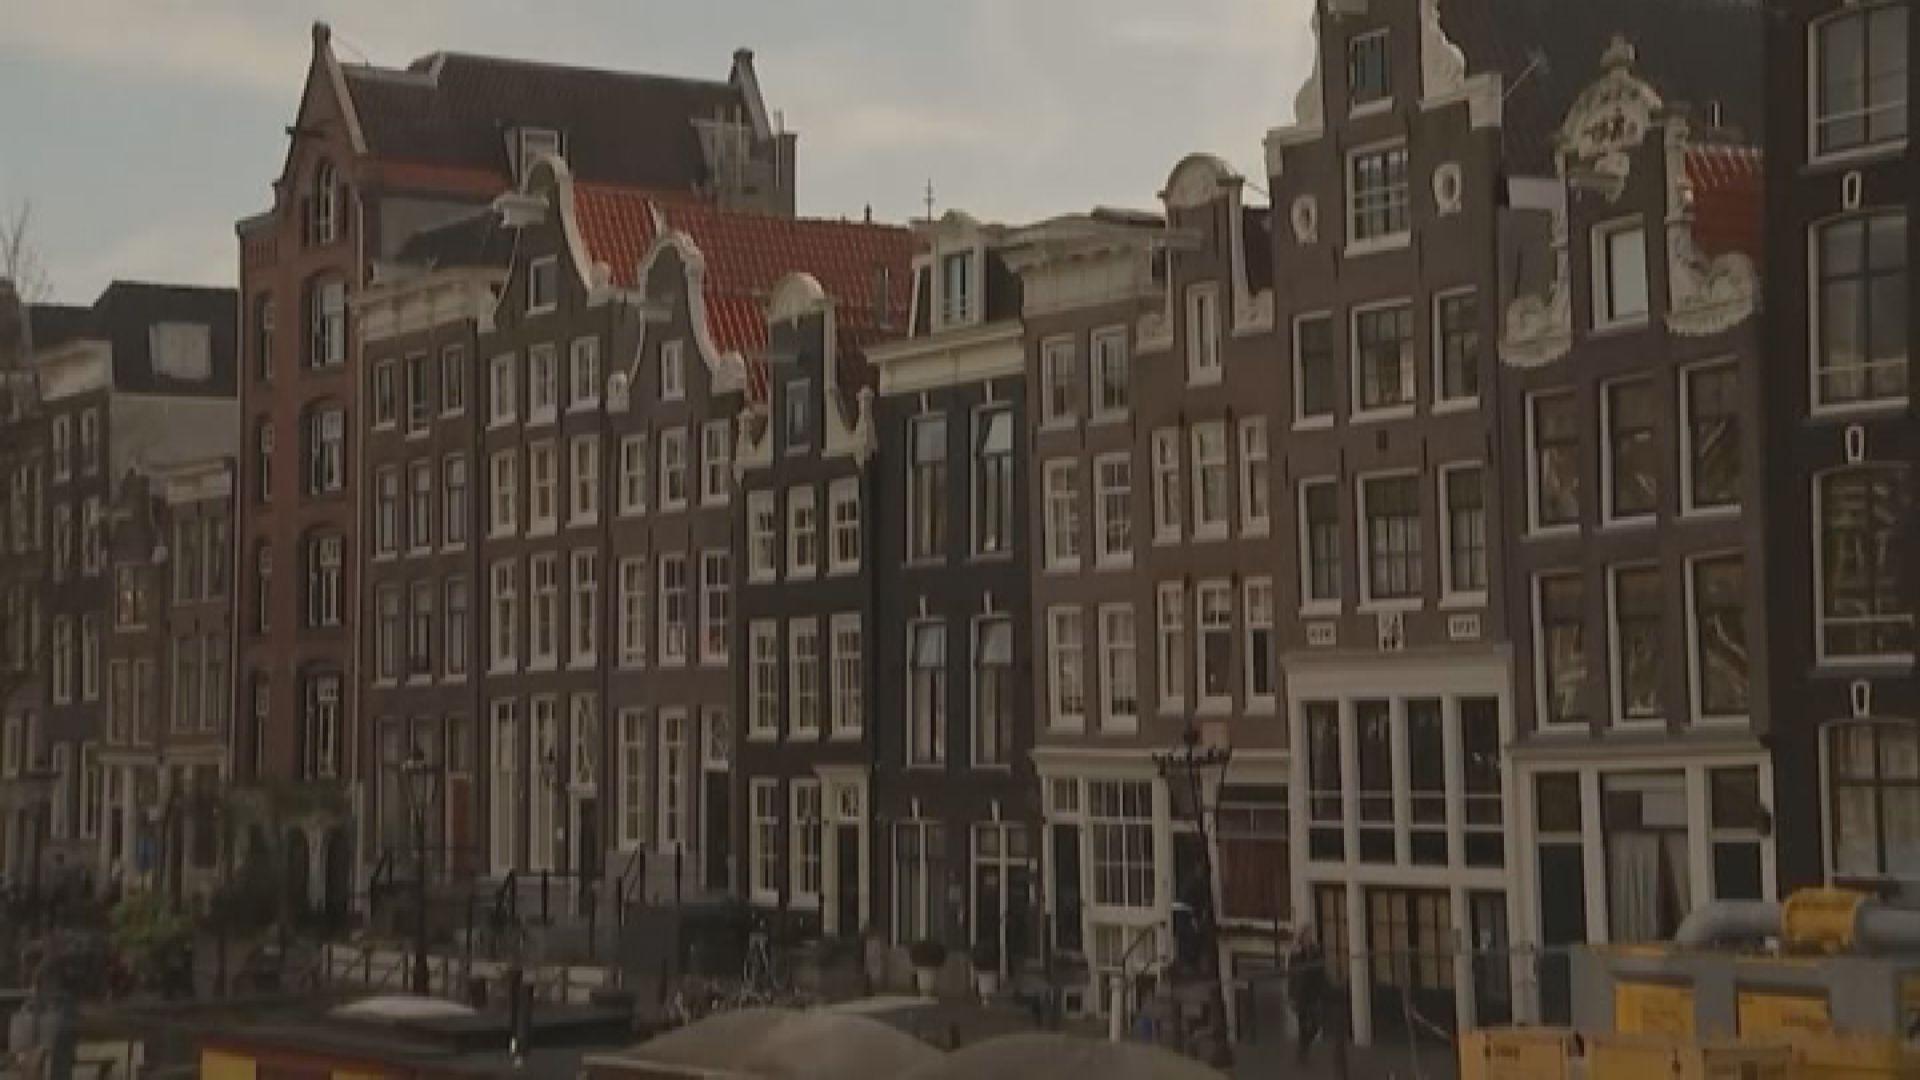 英國脫歐引發「移民潮」 拉高荷蘭樓價